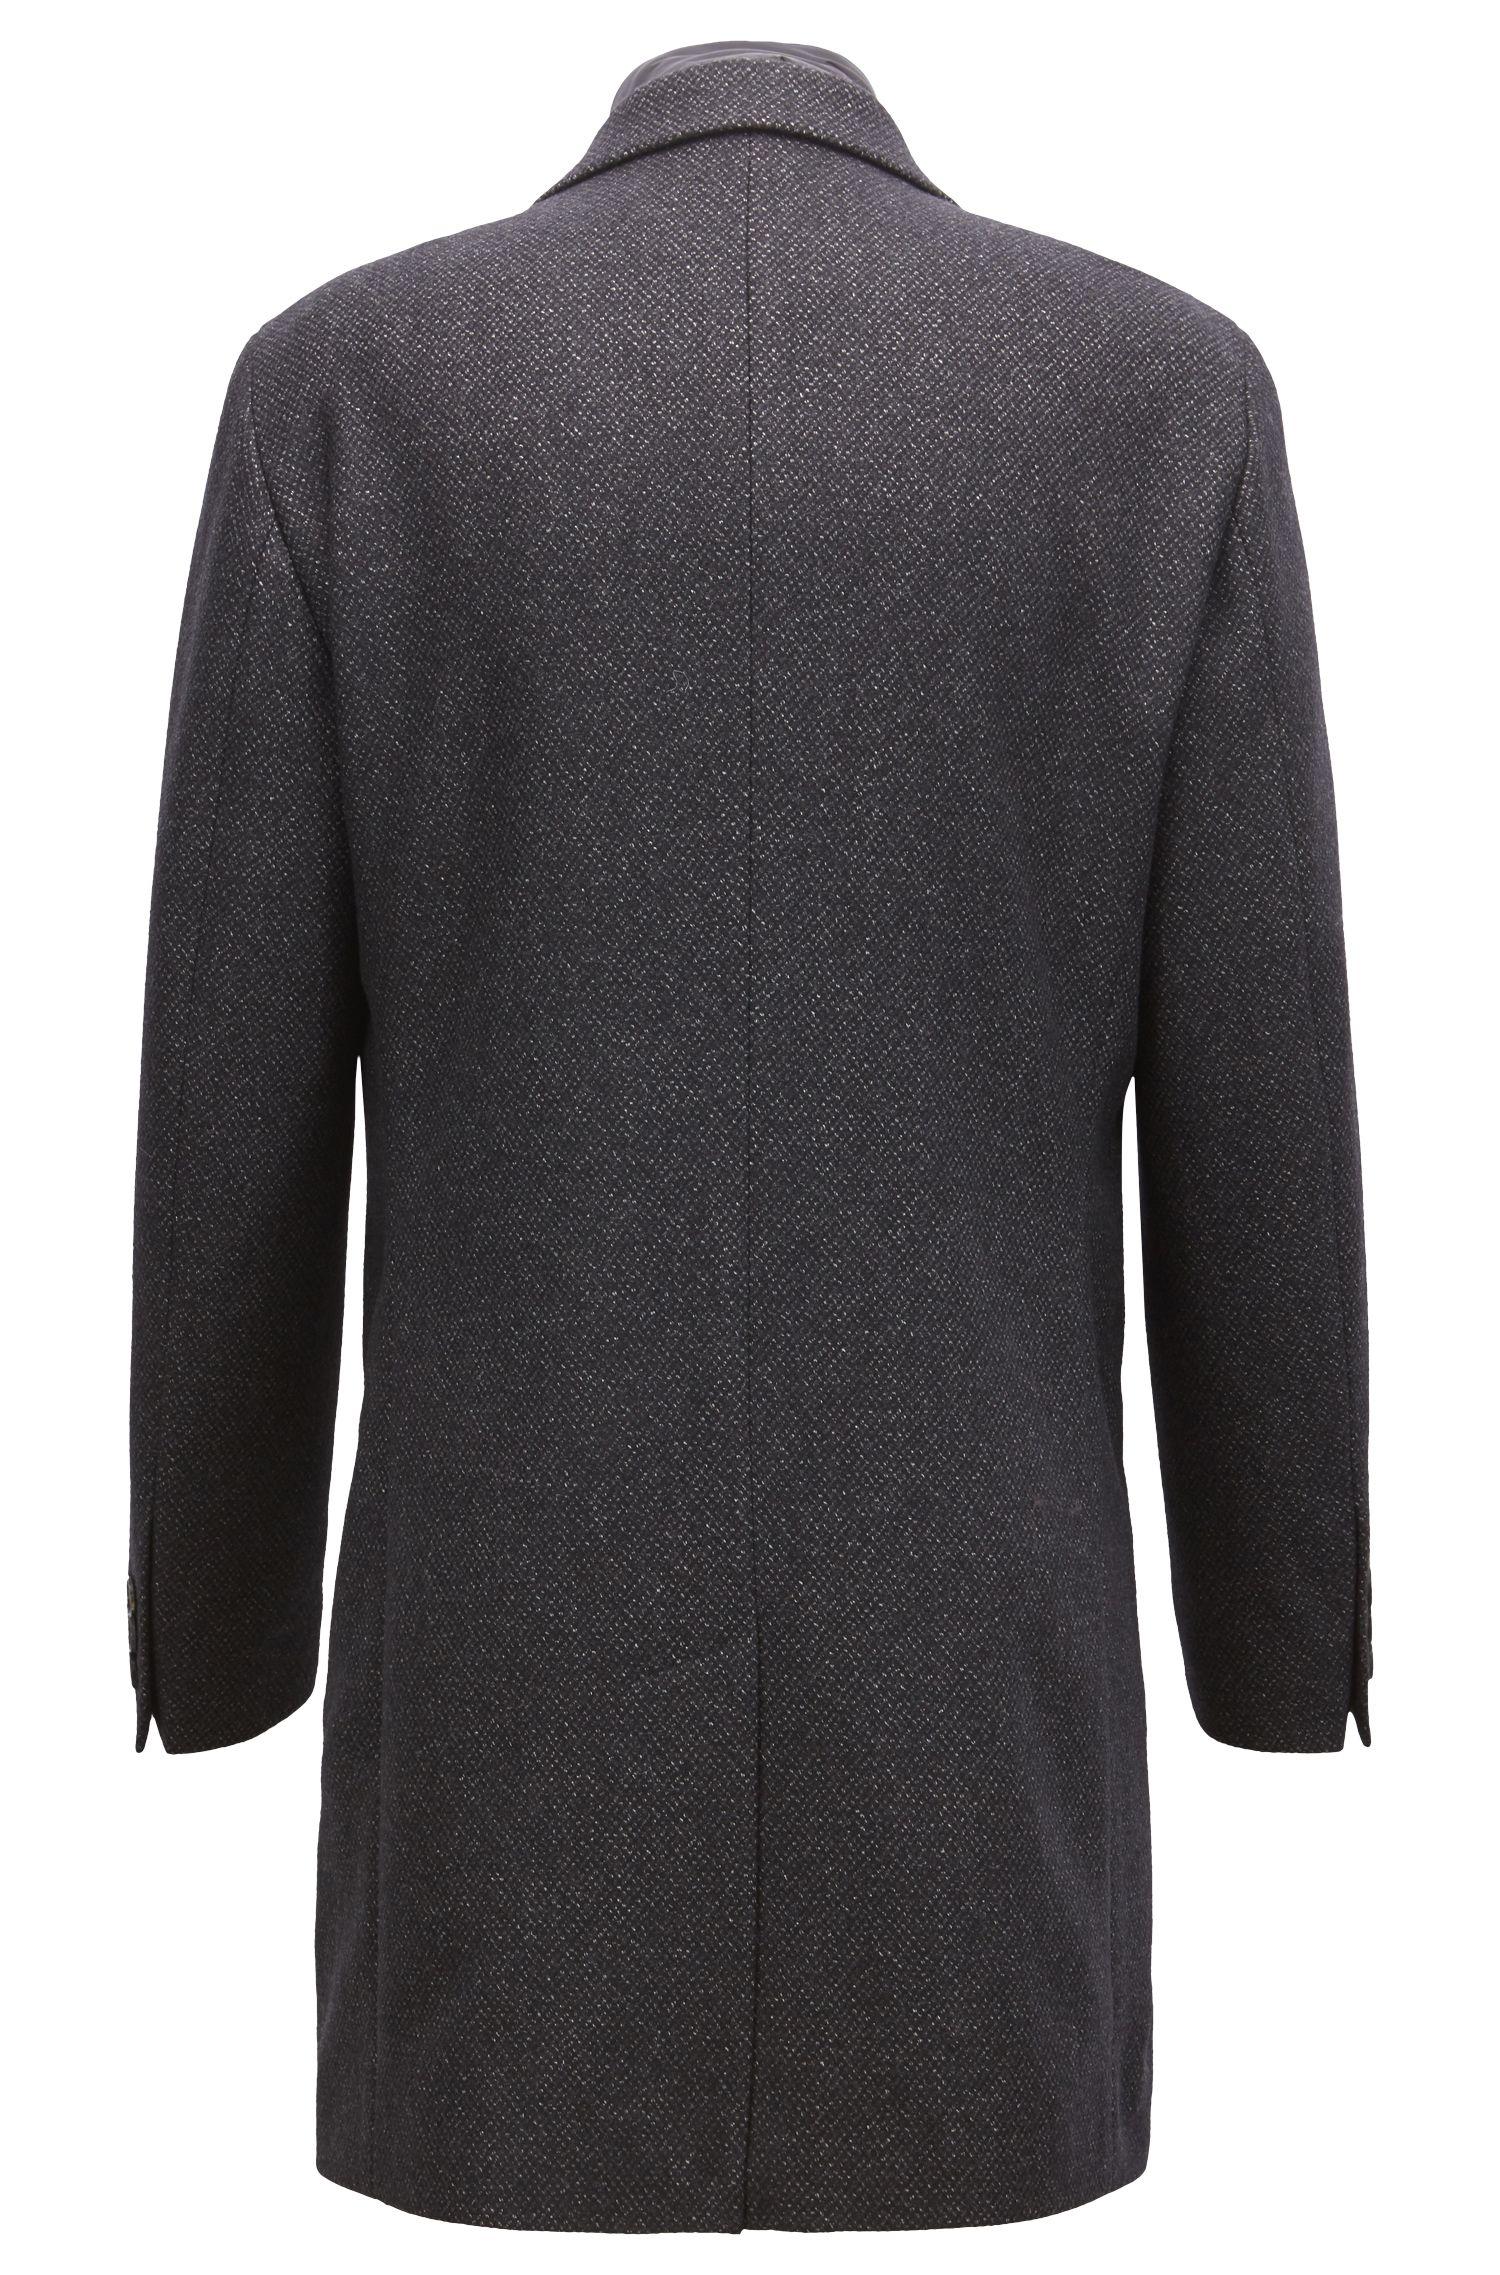 Manteau Slim Fit en laine mélangée avec empiècement intérieur amovible, Gris sombre